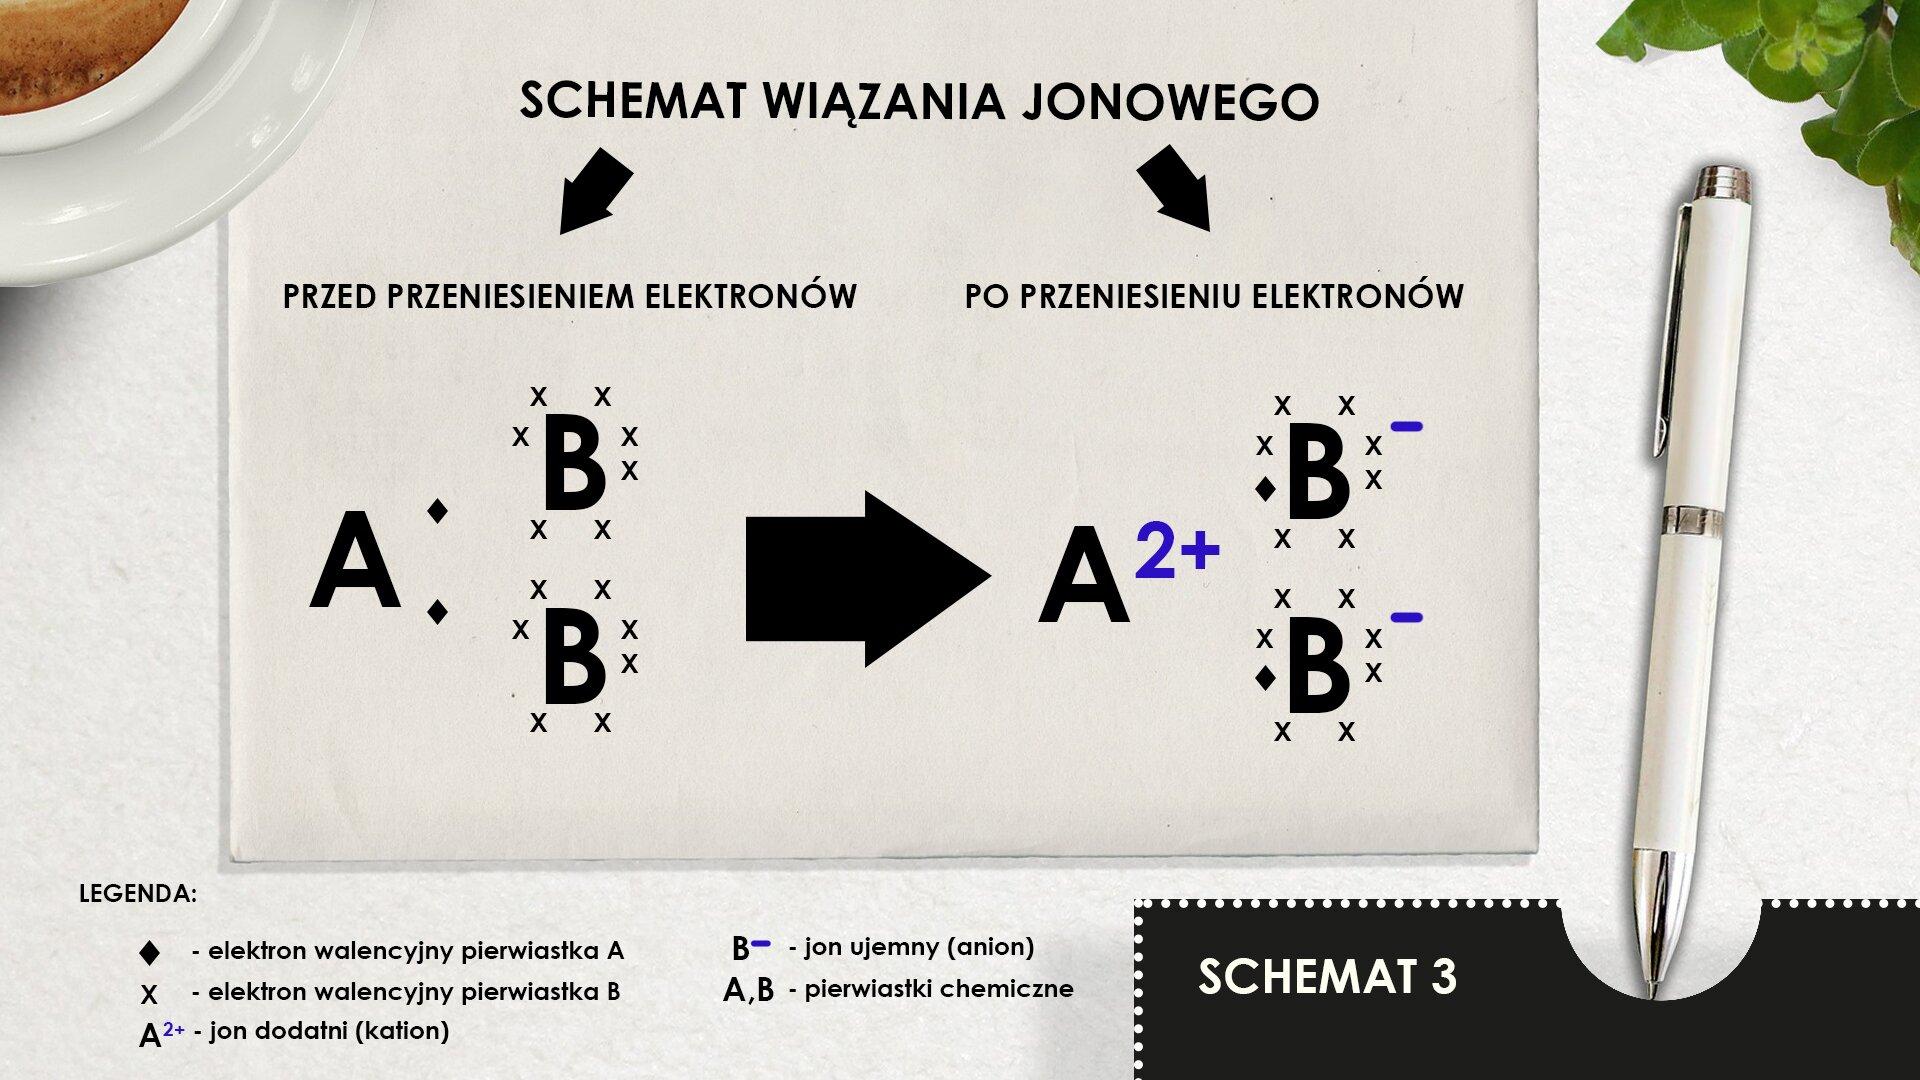 """Ilustracja pokazuje schemat tworzenia się wiązania jonowego cząsteczki związku typu AB2. Lewa część rysunku pokazuje sytuację przed oddaniem elektronów. Pokazane są atom pierwiastka Aidwa atomy pierwiastka Bzzaznaczonymi elektronami walencyjnymi. Prawa część rysunku pokazuje sytuację po wymianie elektronów iutworzone: kation A2+ idwa aniony B-. Cały schemat narysowany jest na jasnoszarej kartce leżącej na białej powierzchni. Lewy górny róg kartki przykryty jest spodkiem filiżanki zkawą, której fragment jest widoczny wgórnym prawym rogu rysunku. Po prawej stronie kartki leży długopis. Na kartce pokazany jest schemat tworzenia się wiązania jonowego. Wgórnej części kartki, na środku widnieje tytuł wykonany dużymi literami: """"SCHEMAT WIĄZANIA JONOWEGO"""". Od napisu odchodzą dwie strzałki. Jedna wlewo wdół wskazuje na napis """"PRZED ODDANIEM ELEKTRONÓW"""", druga strzałka odchodzi wprawo wdół iwskazuje na napis: """"PO ODDANIU ELEKTRONÓW"""". Poniżej narysowany jest rysunek pokazujący schemat tworzenia wiązania jonowego. Wczęści lewej rysunku gdzie pokazana jest sytuacja przed oddaniem elektronów, narysowana jest duża litera """"A"""" symbolizująca pierwiastek A. Po jego prawej stronie za pomocą dwóch małych czarnych znaków wkształcie rombu pokazane są dwa elektrony walencyjne. Obok po prawej stronie umieszczono wpionie , jedna nad drugą dwie duże litery """"B"""" symbolizujące drugi pierwiastek, każda otoczona siedmioma małymi znakami """"x"""" symbolizującymi siedem elektronów walencyjnych. Od tego rysunku odchodzi duża czarna strzałka skierowana poziomo wprawo. Wskazuje ona rysunek ilustrujący sytuację po oddaniu elektronów. Duża litera """"A"""" ze znakiem 2+ symbolizuje jon dodatni (kation) oładunku +2. Dwa małe czarne romby, elektrony walencyjne pierwiastka """"A"""" przesunięte są wprawo, wkierunku pierwiastka """"B"""". Strzałki odchodzące wkierunku """"B"""" pokazują przyciąganie elektronów. Przy każdej literze """"B"""" umieszczono znak """"-"""" wskazujący na utworzenie dwóch jonów ujemnych (anionów). Poniżej schematu umieszcz"""